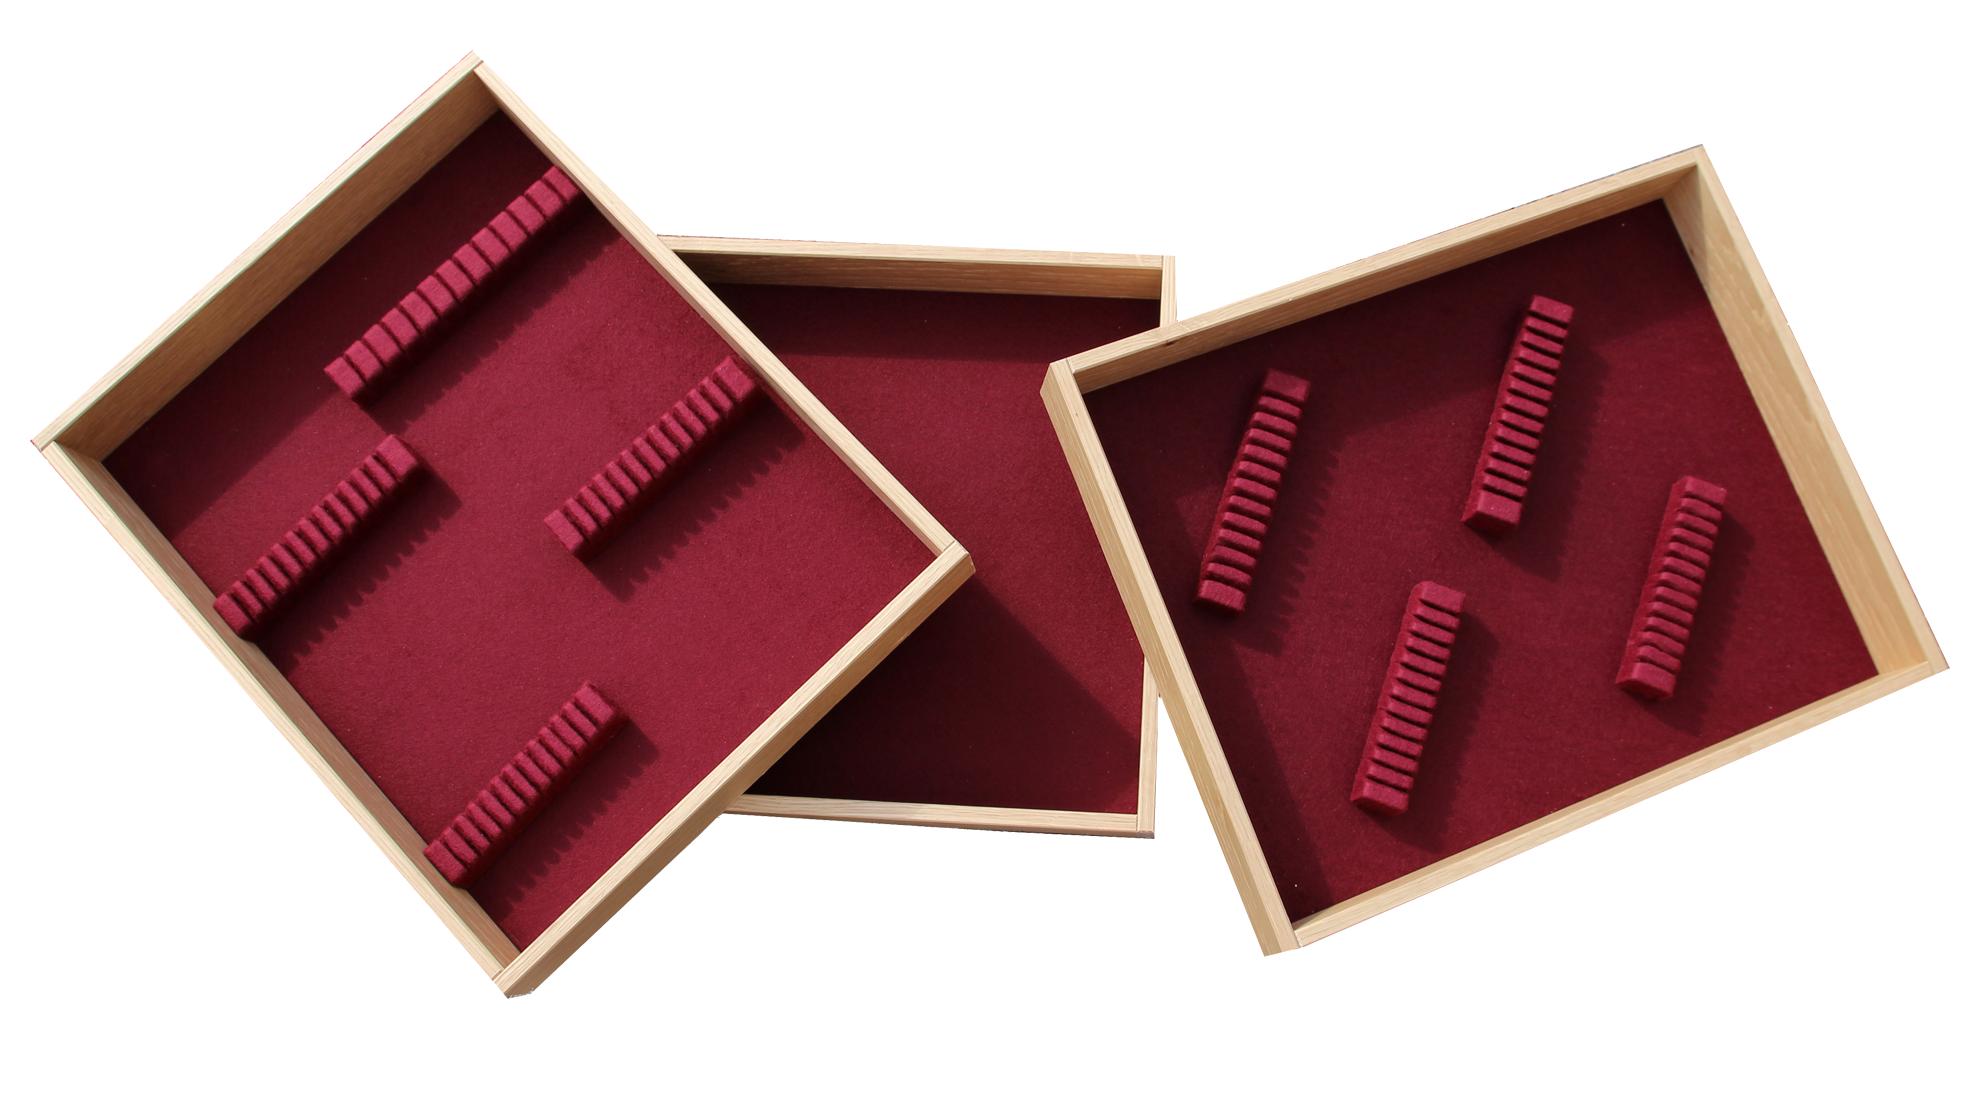 houten bestekbak met vilt bodem eiken rood 400x320x54 bestekhouders.